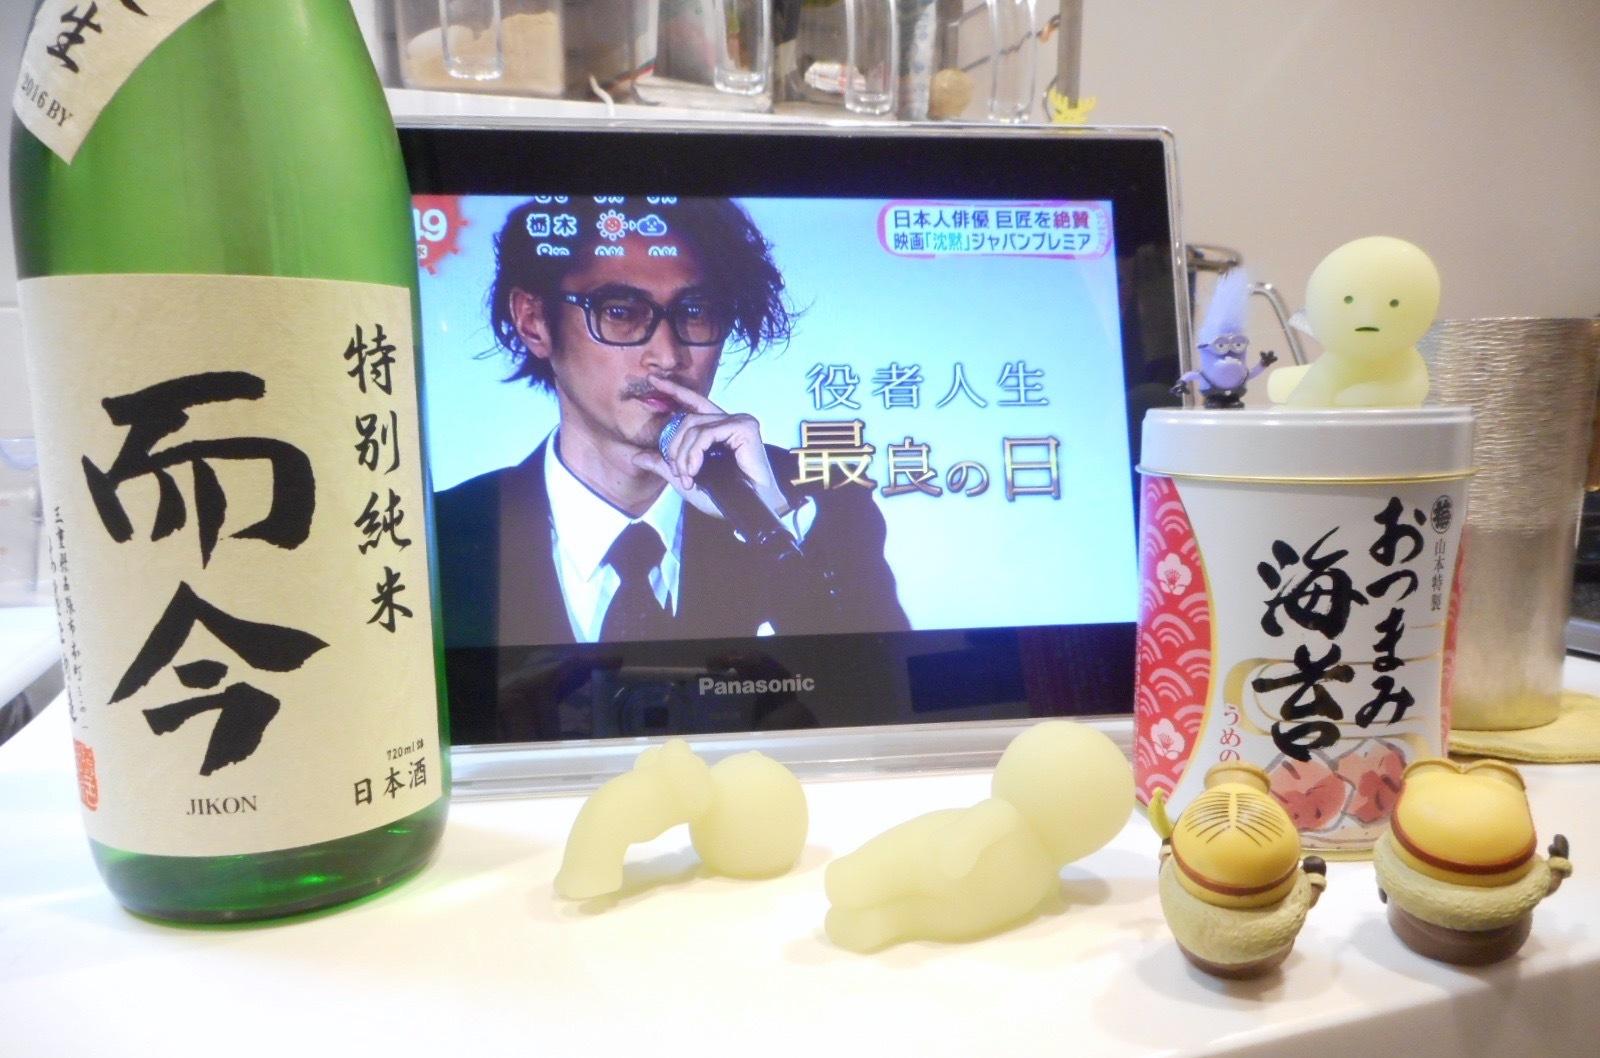 jikon_tokujun_gohyaku_nama28by1.jpg